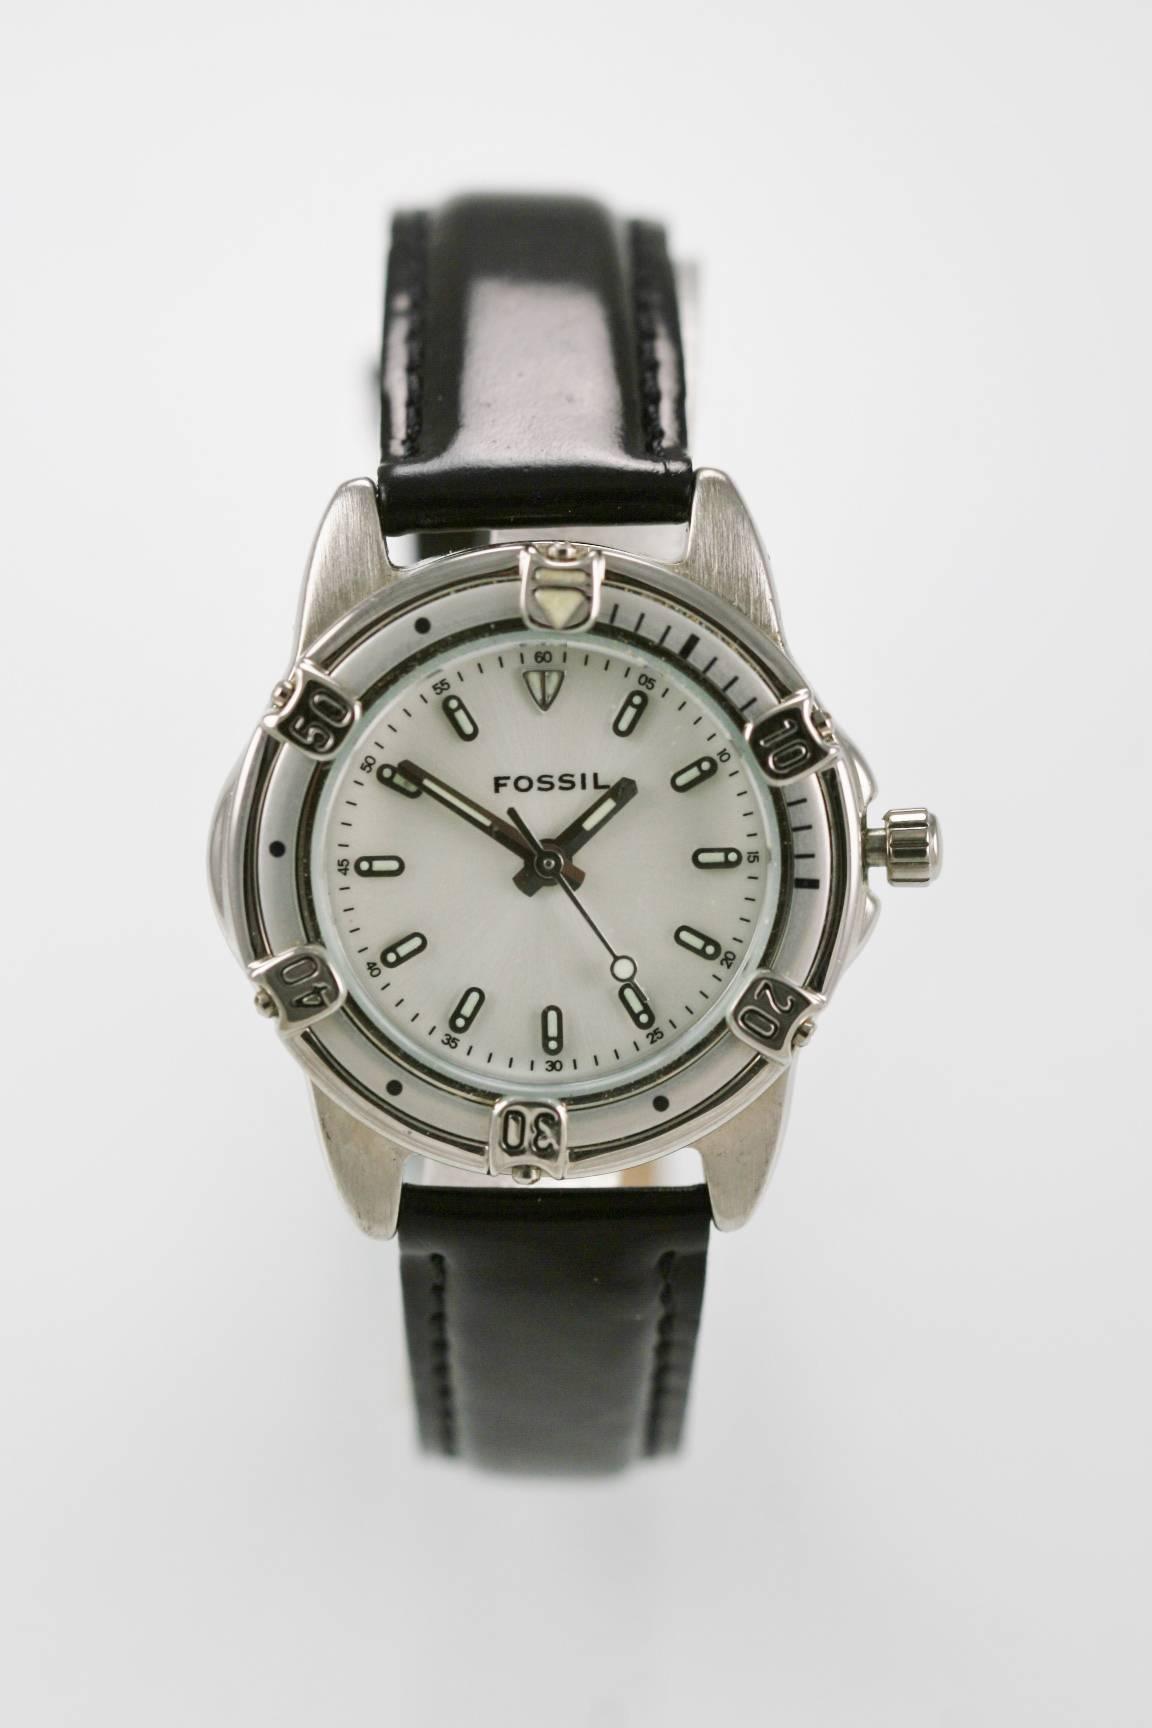 2d48f8448687 Fossil reloj mujer blanco plata acero inoxidable resistente al agua negro  cuero cuarzo